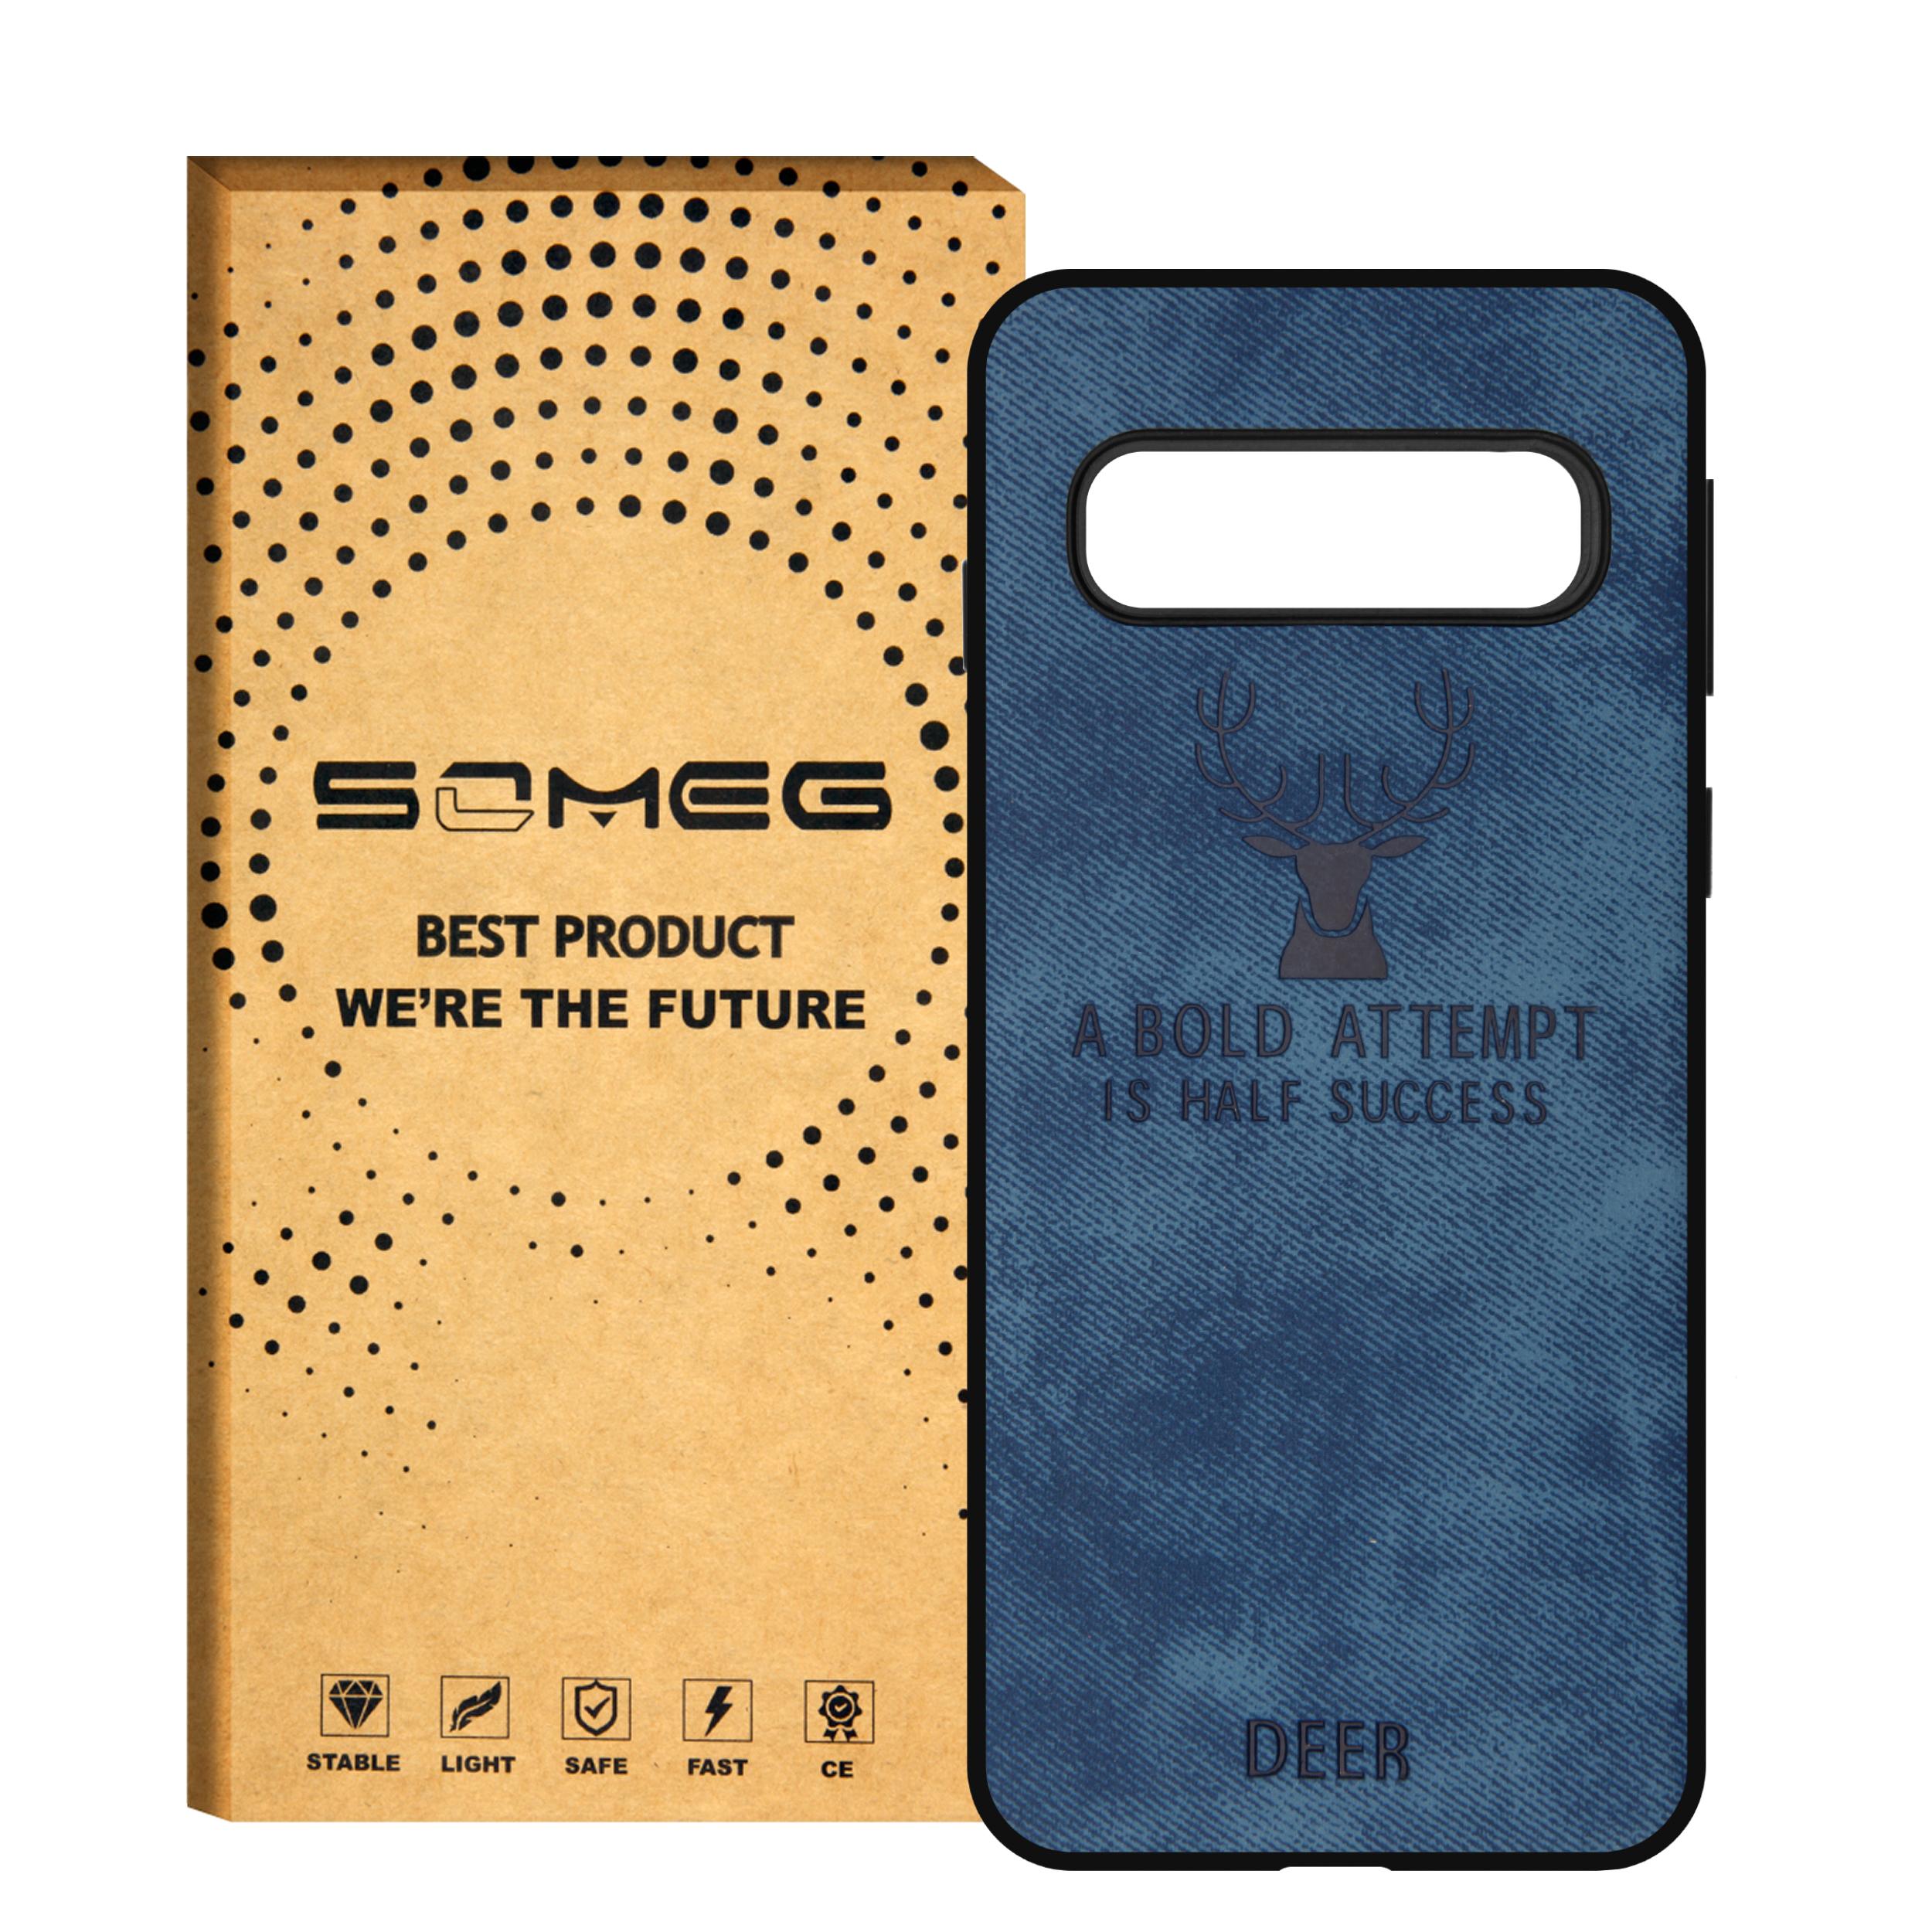 کاور سومگ مدل SMG-Der02 مناسب برای گوشی موبایل سامسونگ  Galaxy S10 Plus              ( قیمت و خرید)